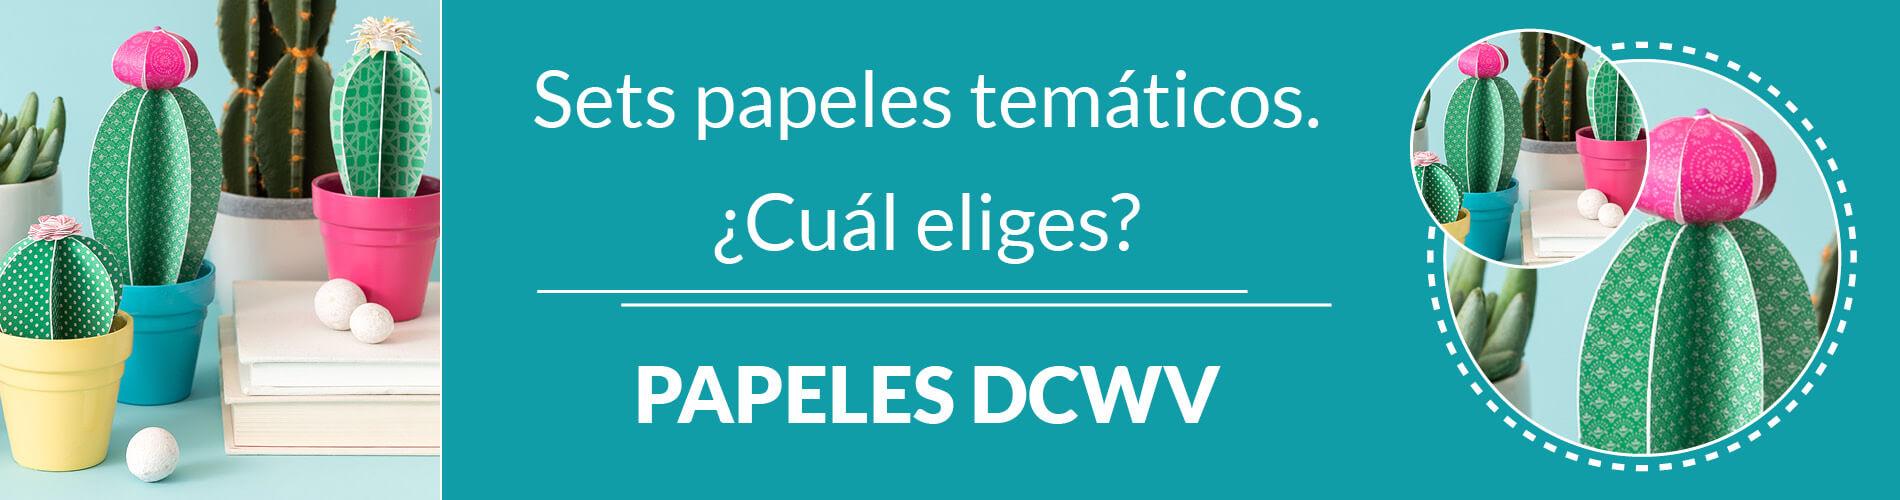 ¡Papeles temáticos DCWV para todos los gustos!